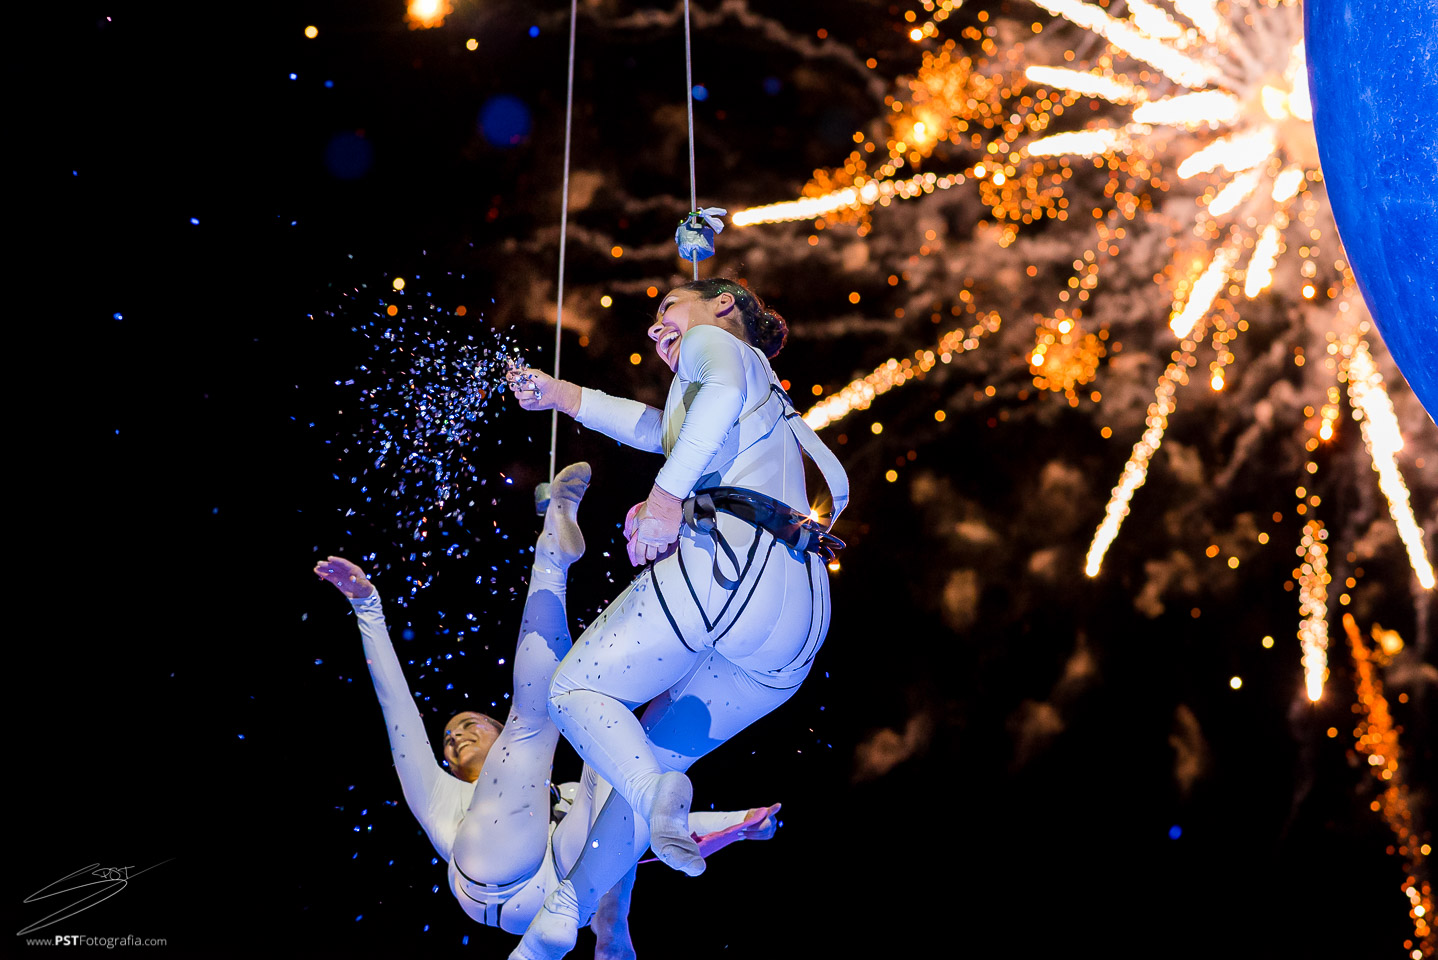 Bailarinas aéreas sonriendo con fuegos artificiales al fondo